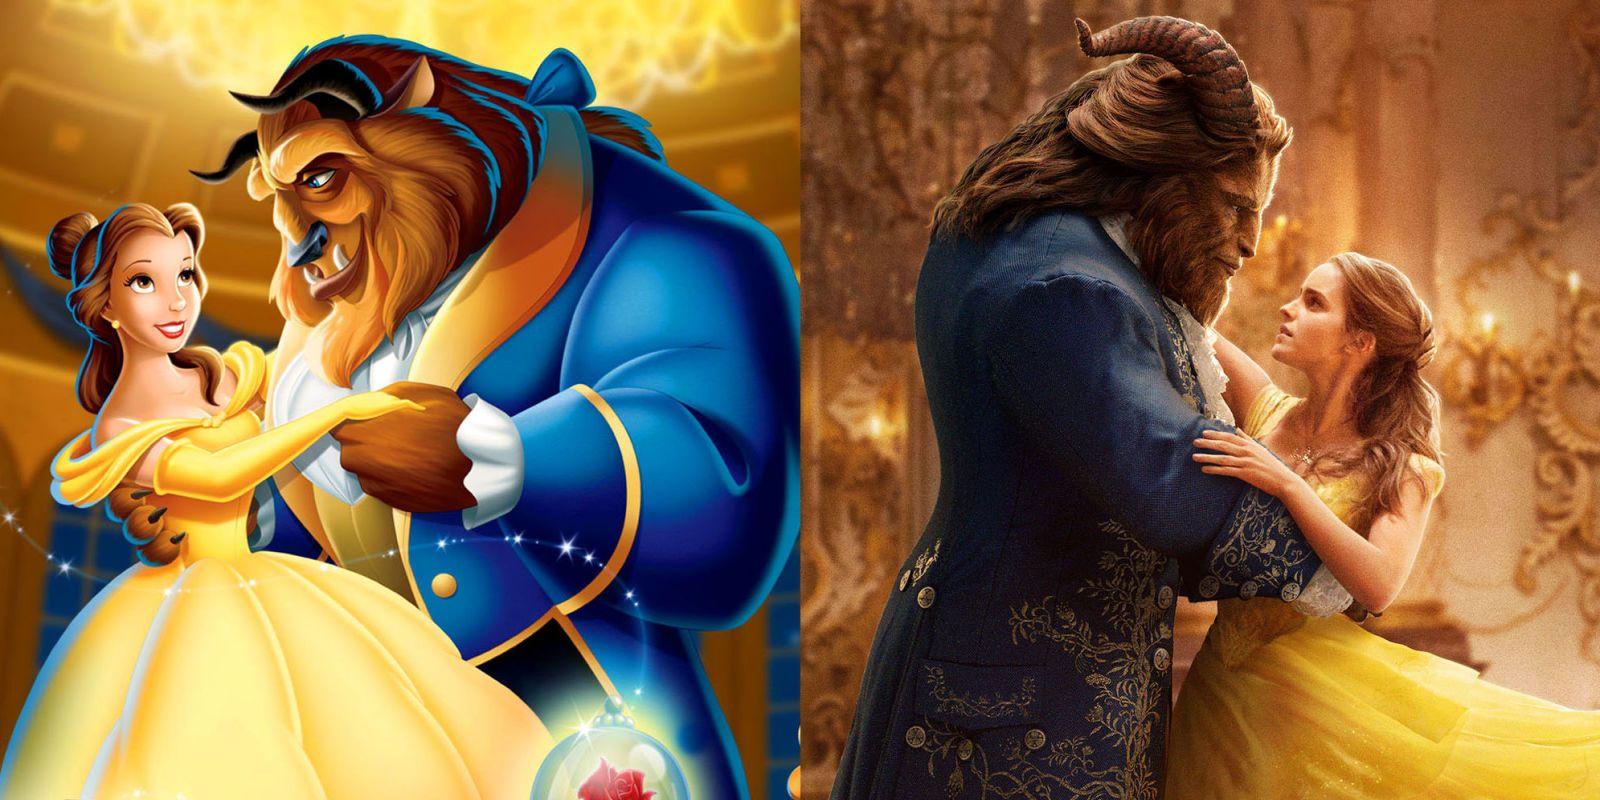 実写版『美女と野獣』はディズニーアニメ版とここが違う